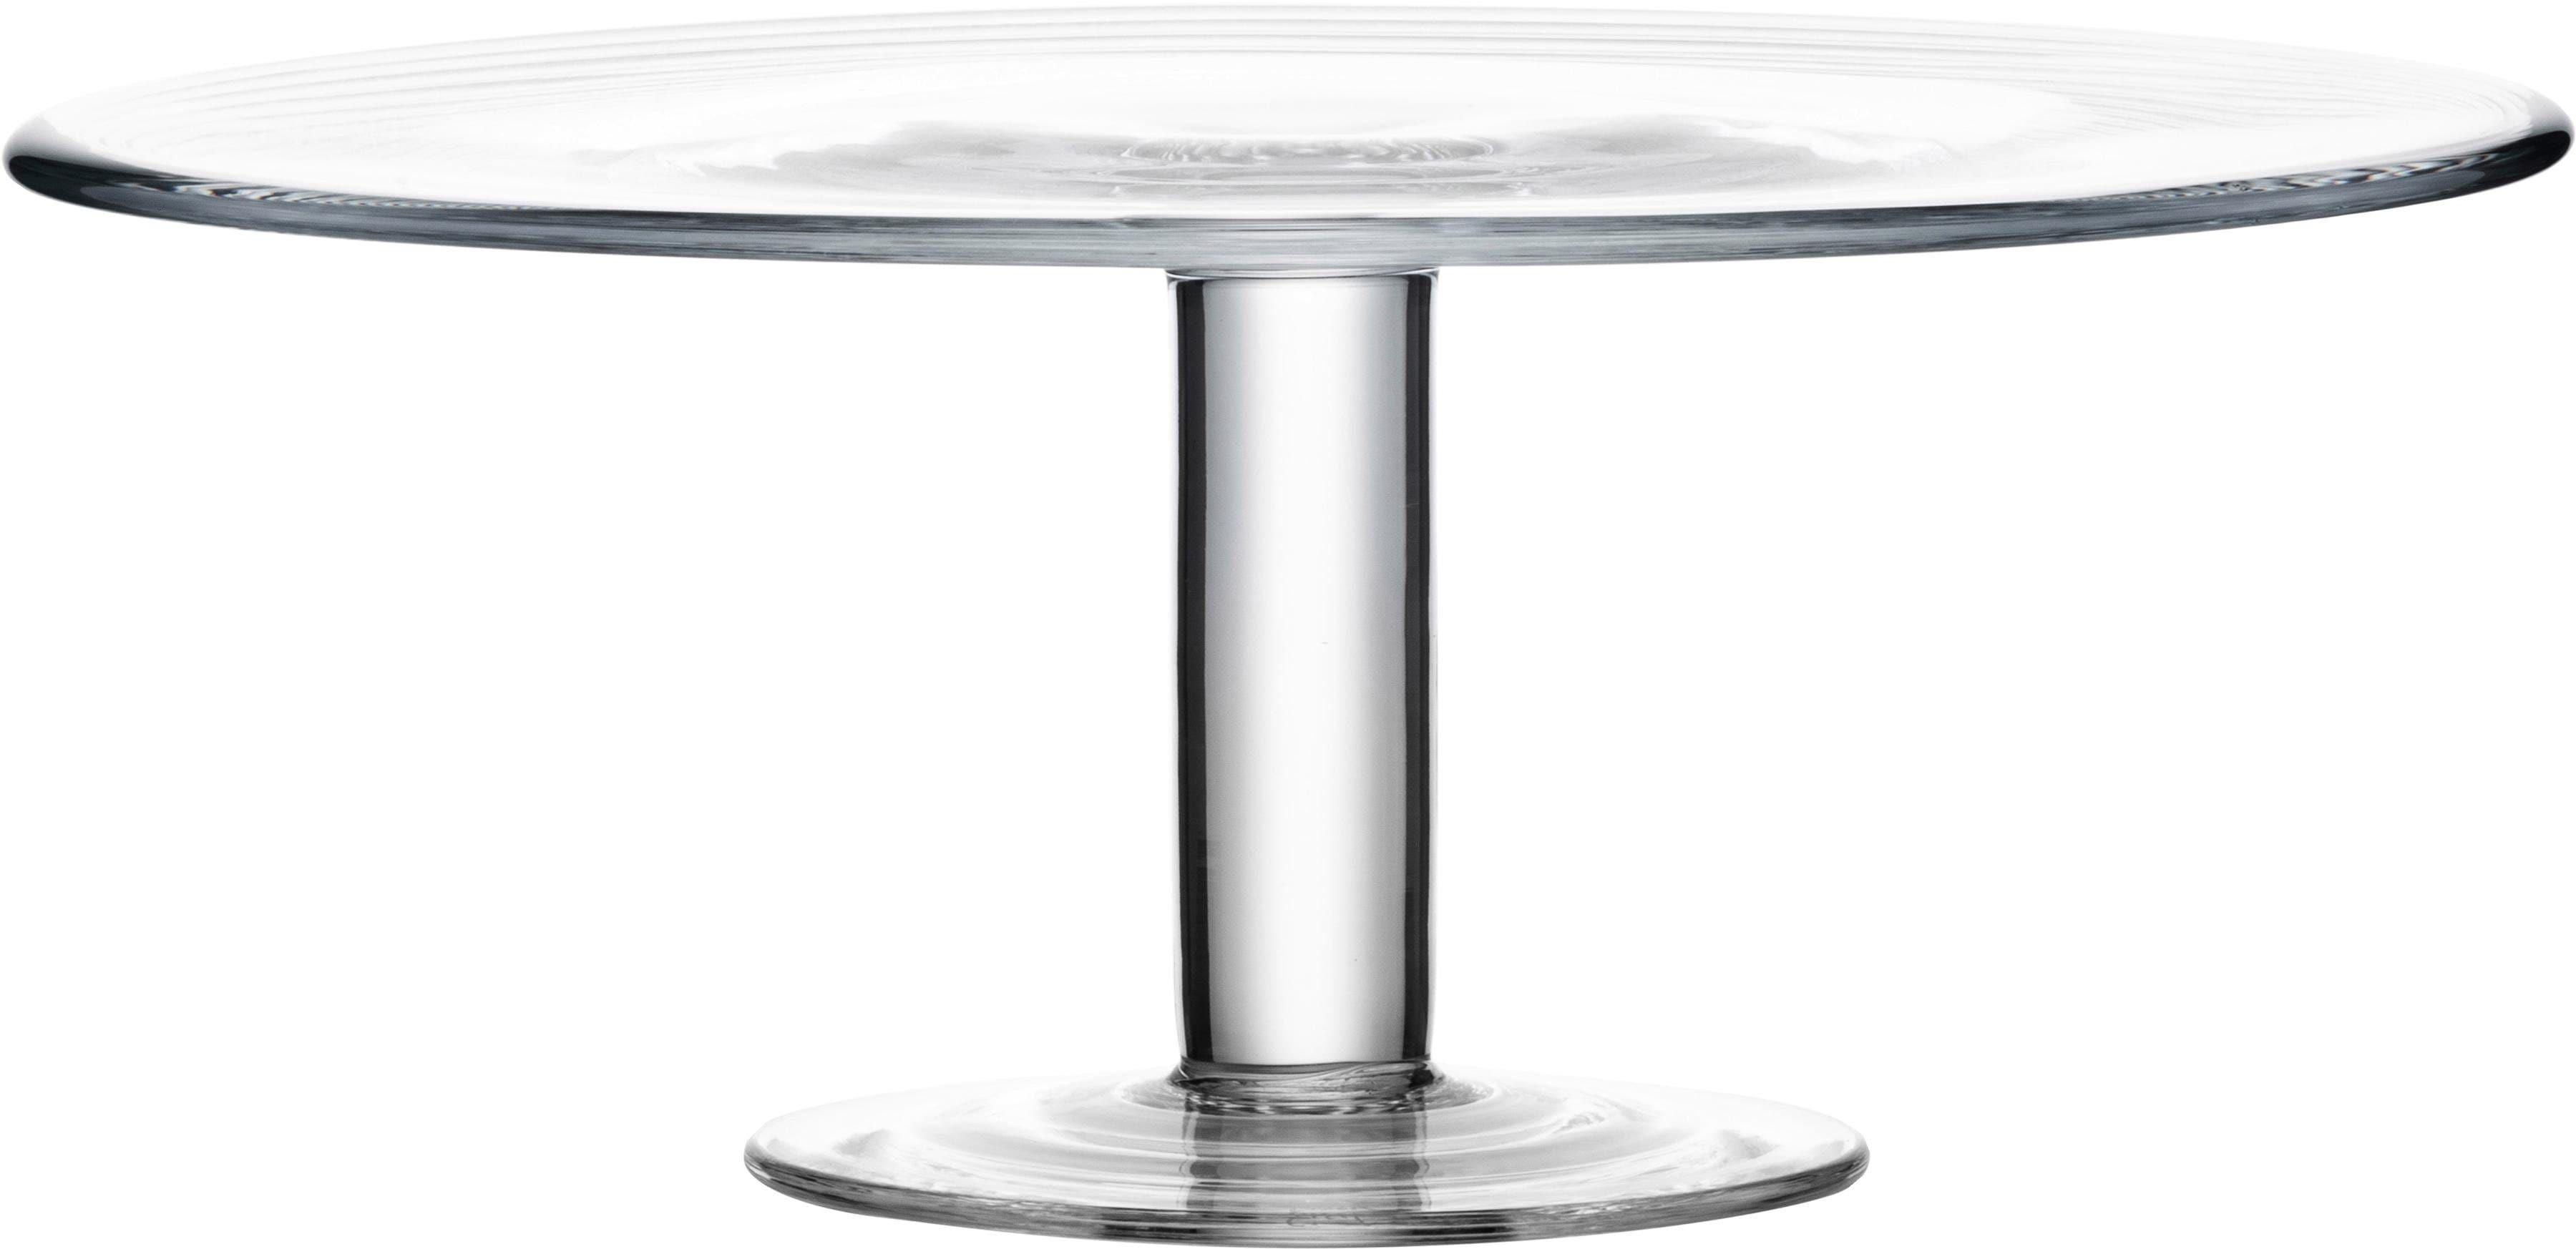 Eisch Tortenplatte, Kristall, Ø 31 cm farblos Backhelfer Kochen Backen Haushaltswaren Tortenplatte